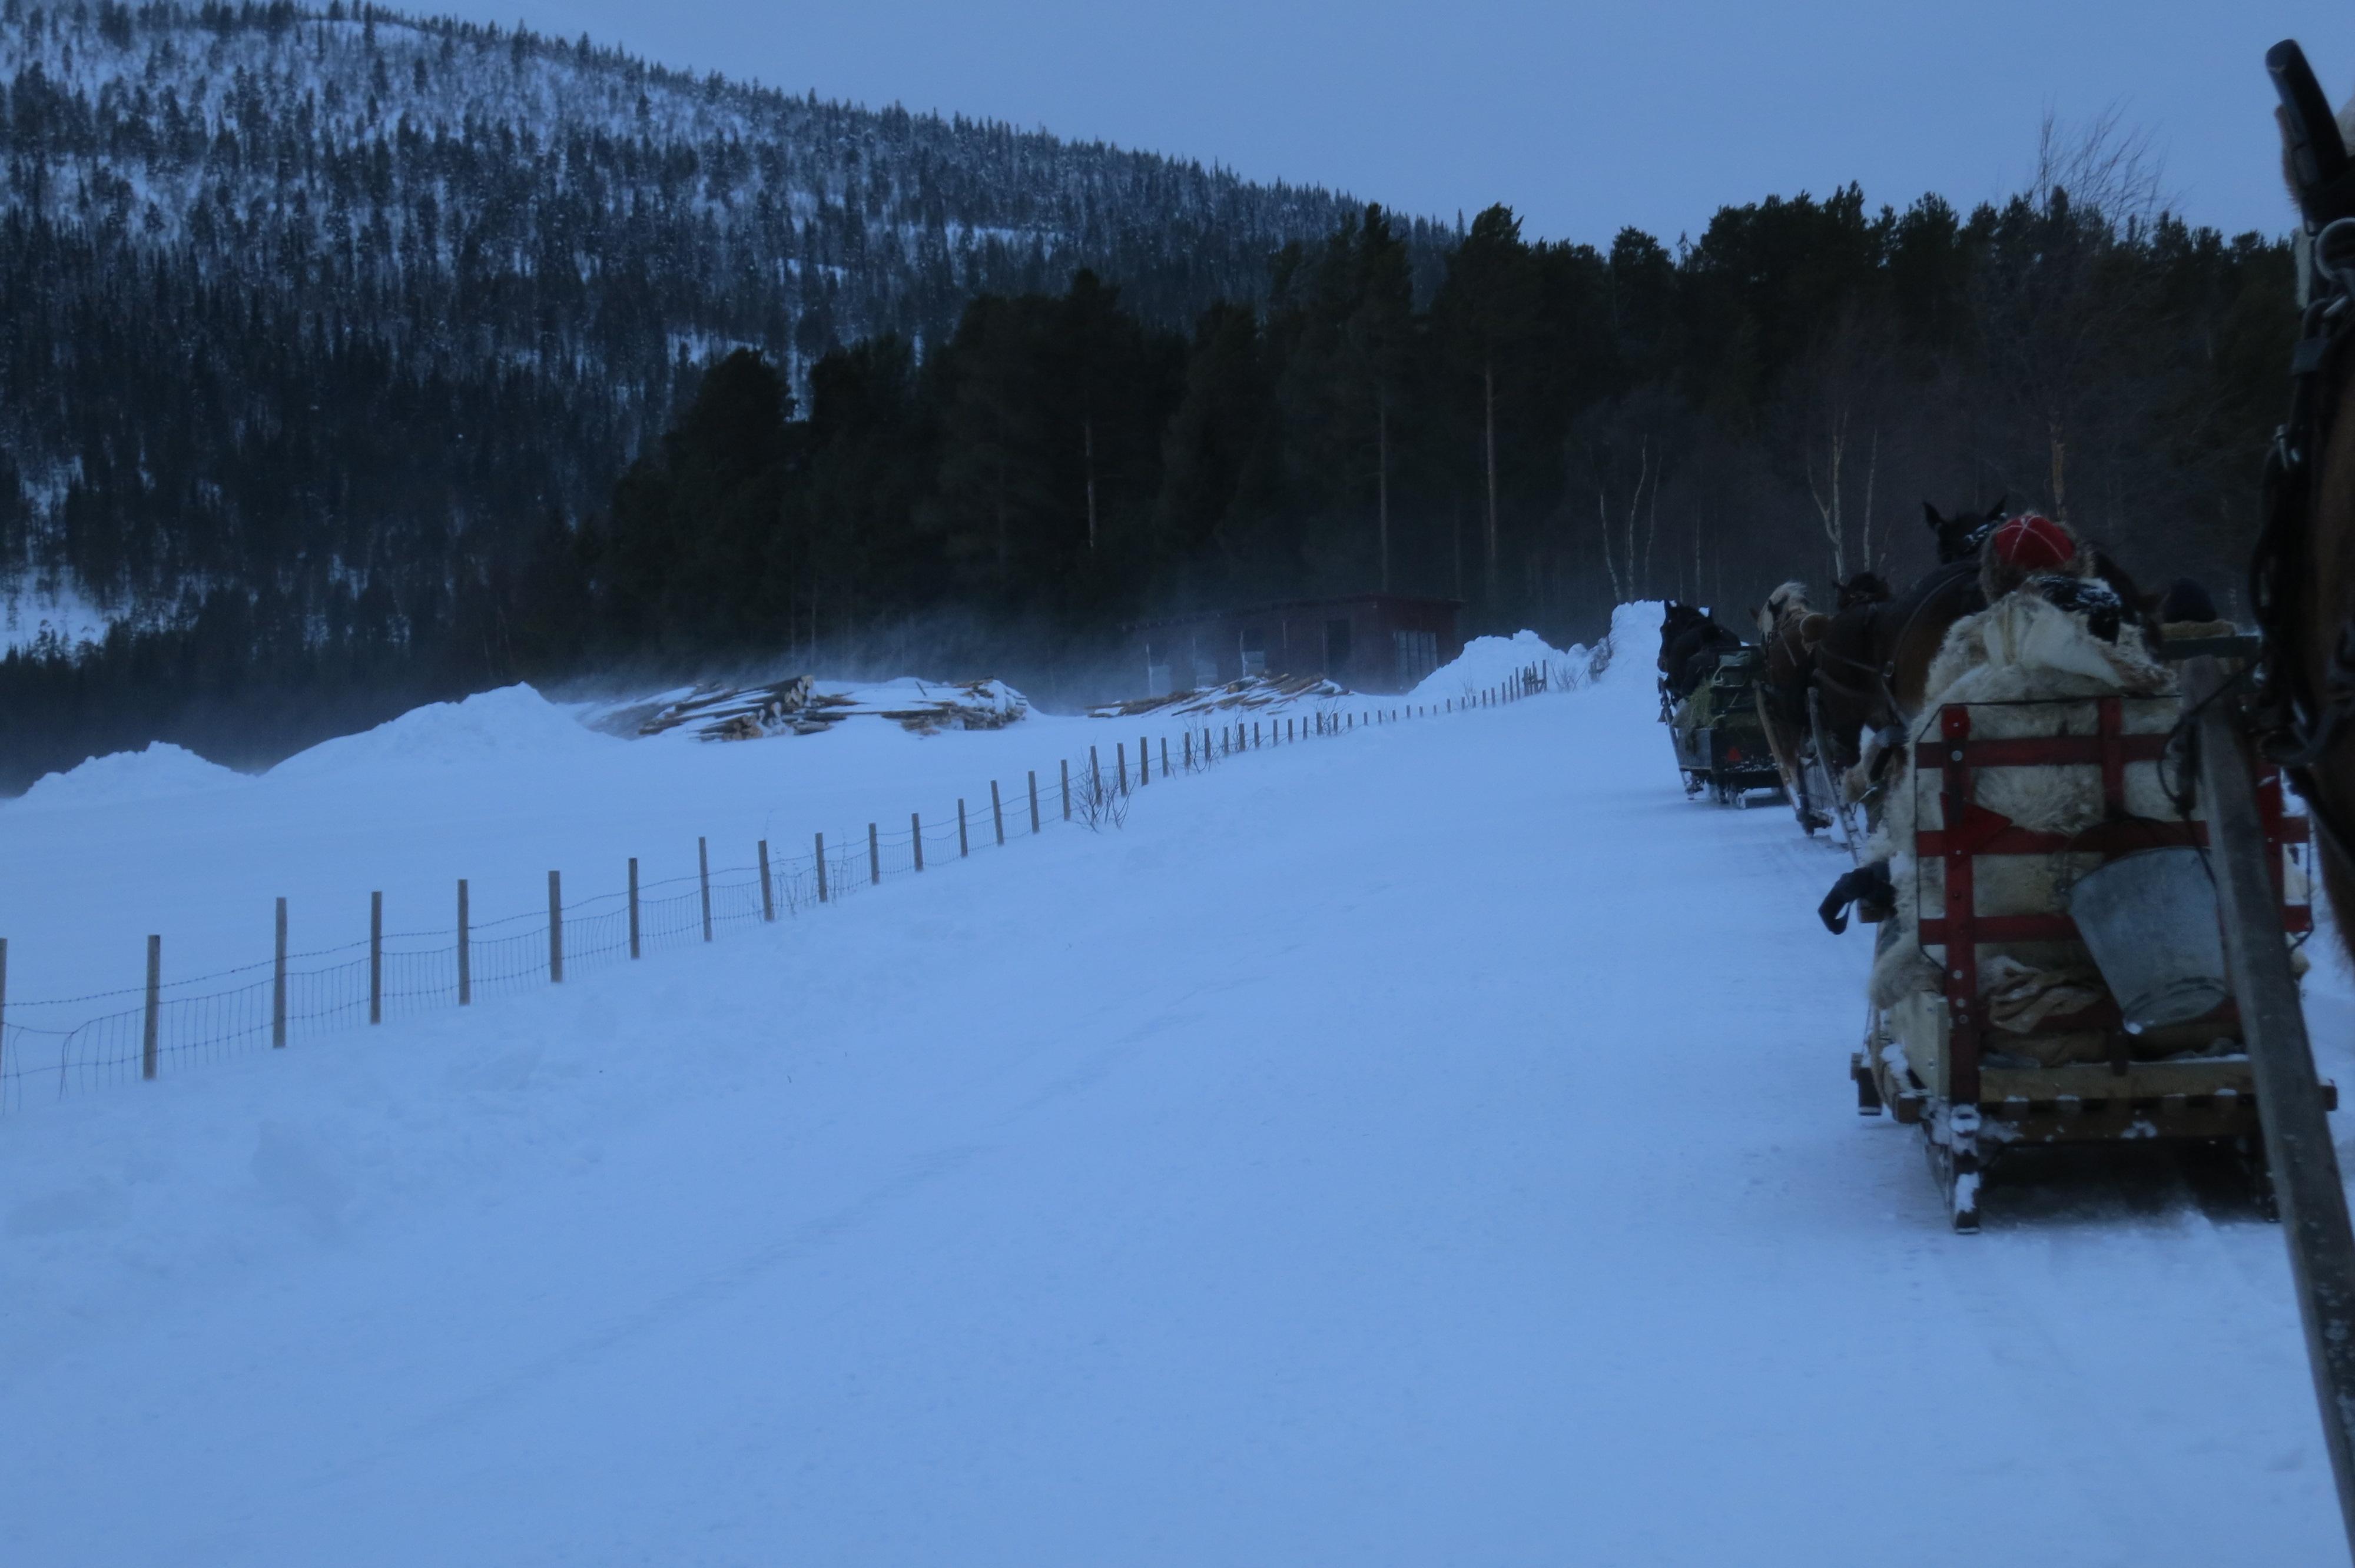 Det har blåst skikkelig i dag, og snøen har føyka rundt ørene våre. Heldigvis har vi ikke kjørt i motvind. Foto: Karine Bogsti